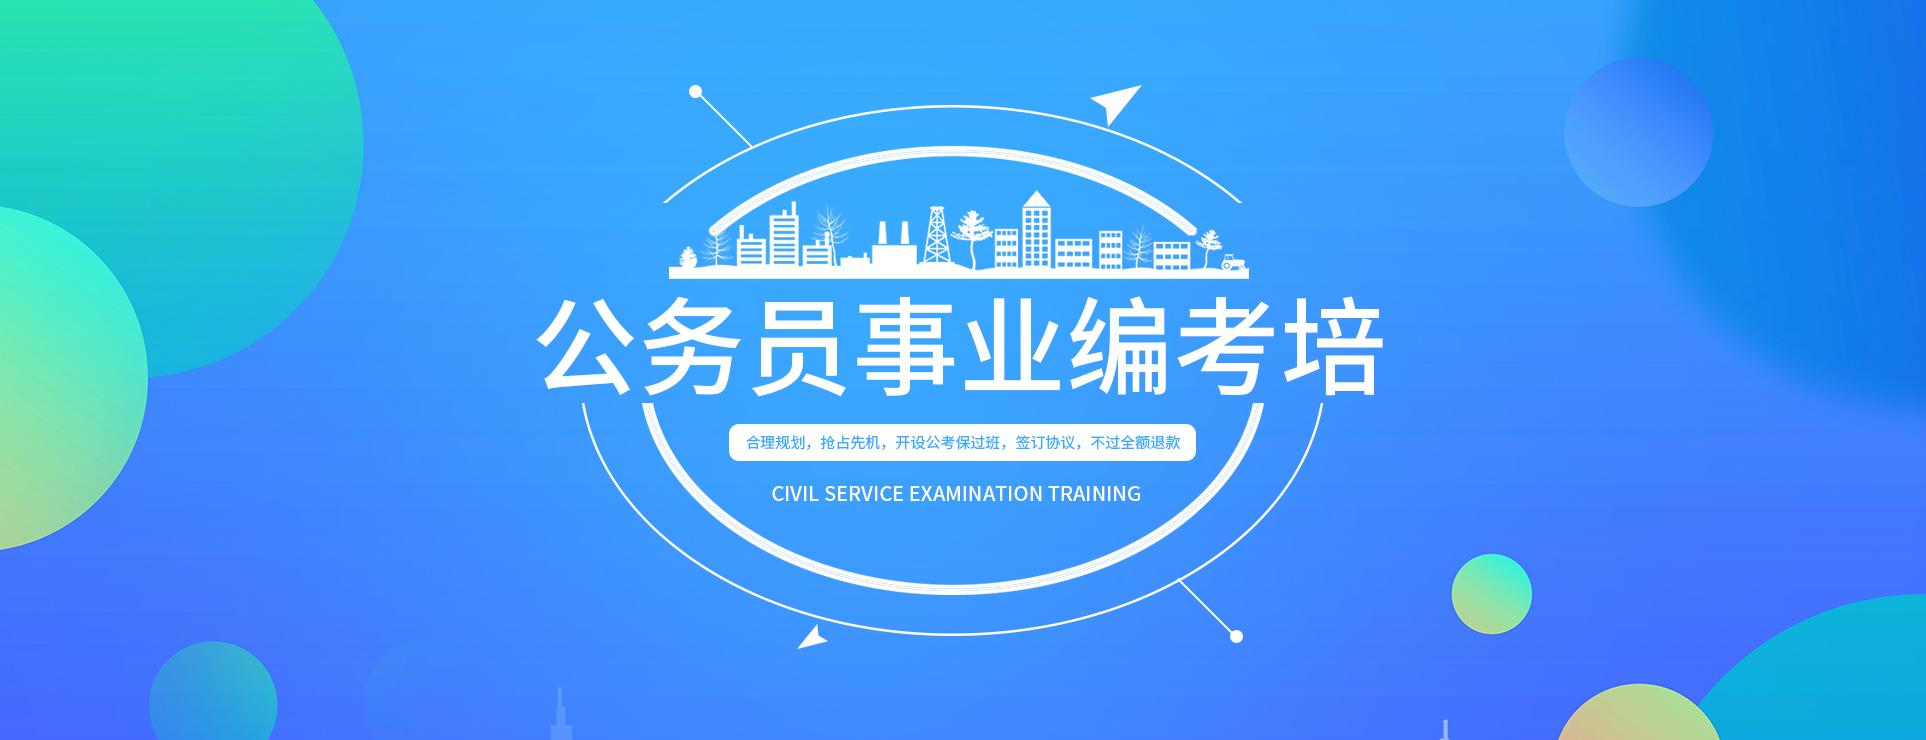 公務員考試培訓,煙臺公務員考試,煙臺事業編考試